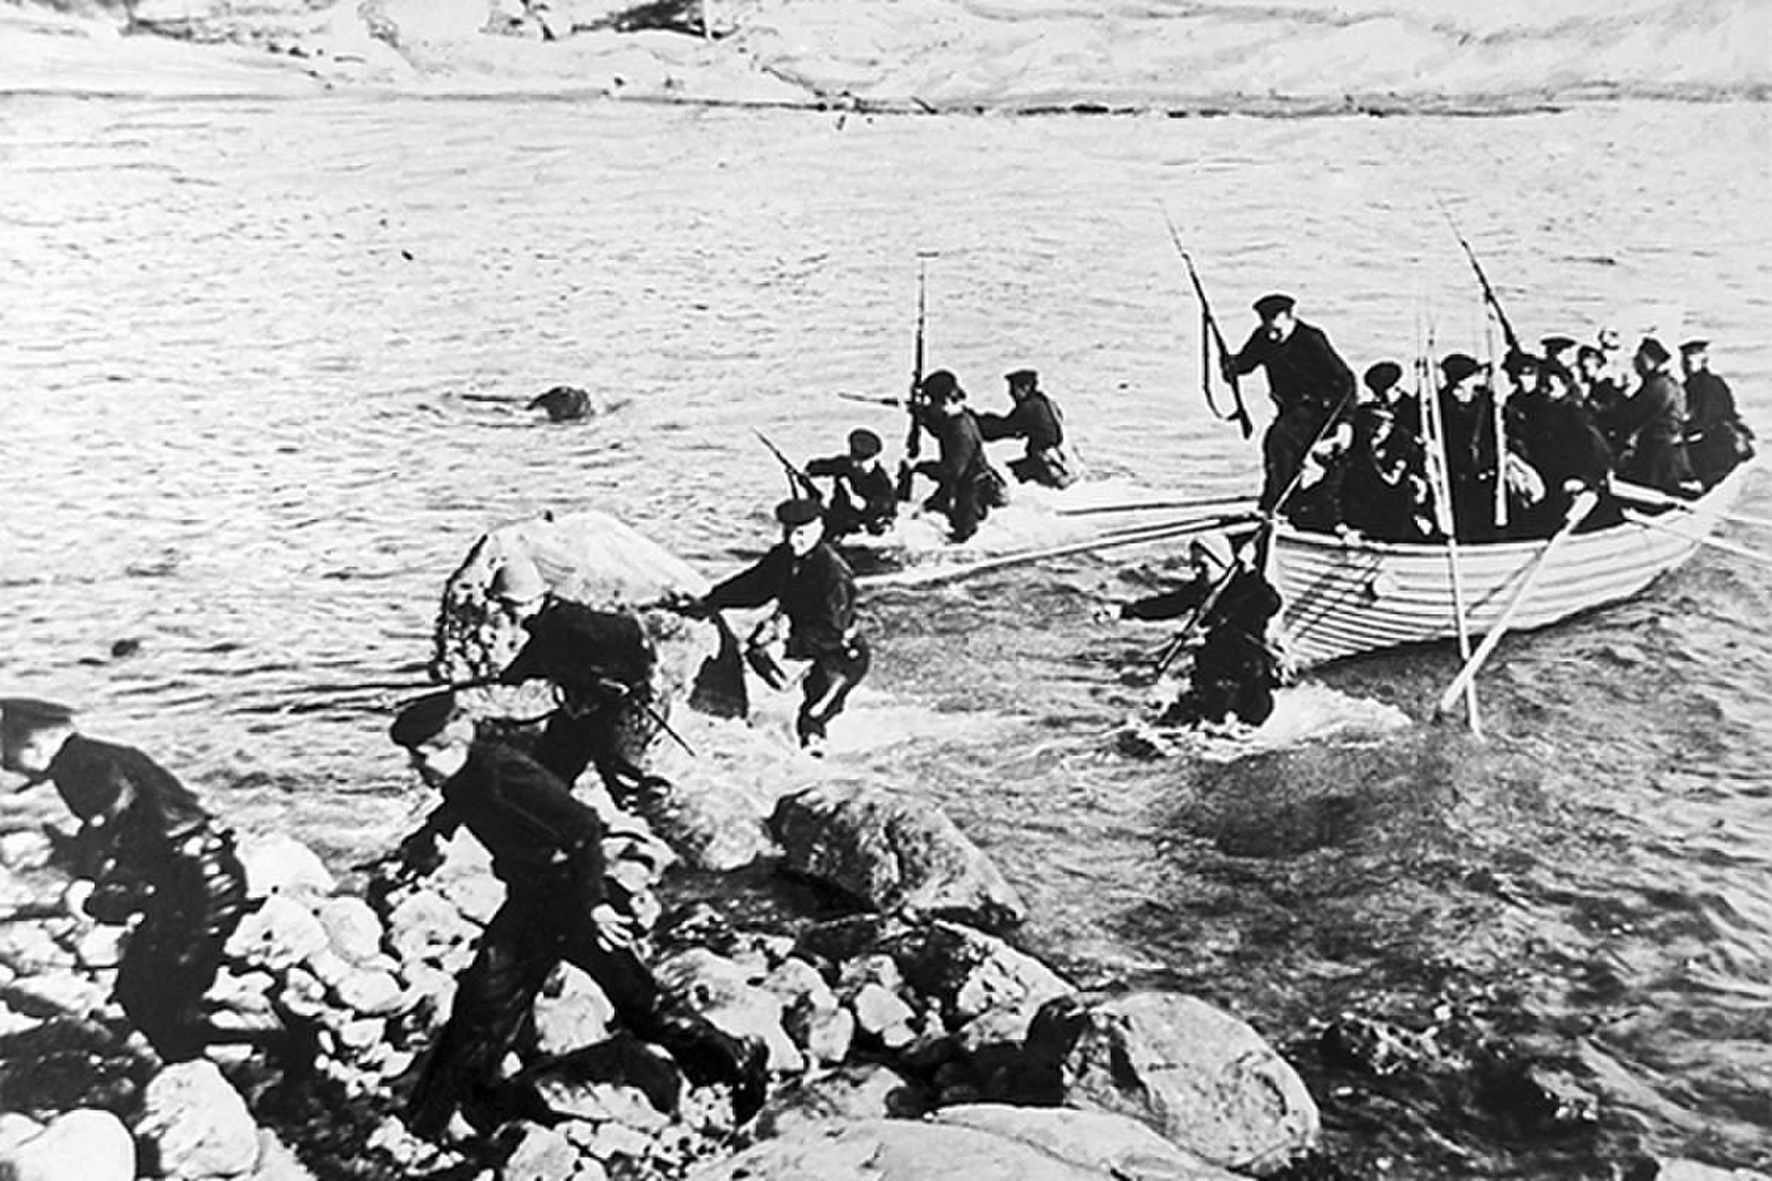 Война у озера:  как Абрау-Дюрсо пережило оккупацию, голод и грабежи